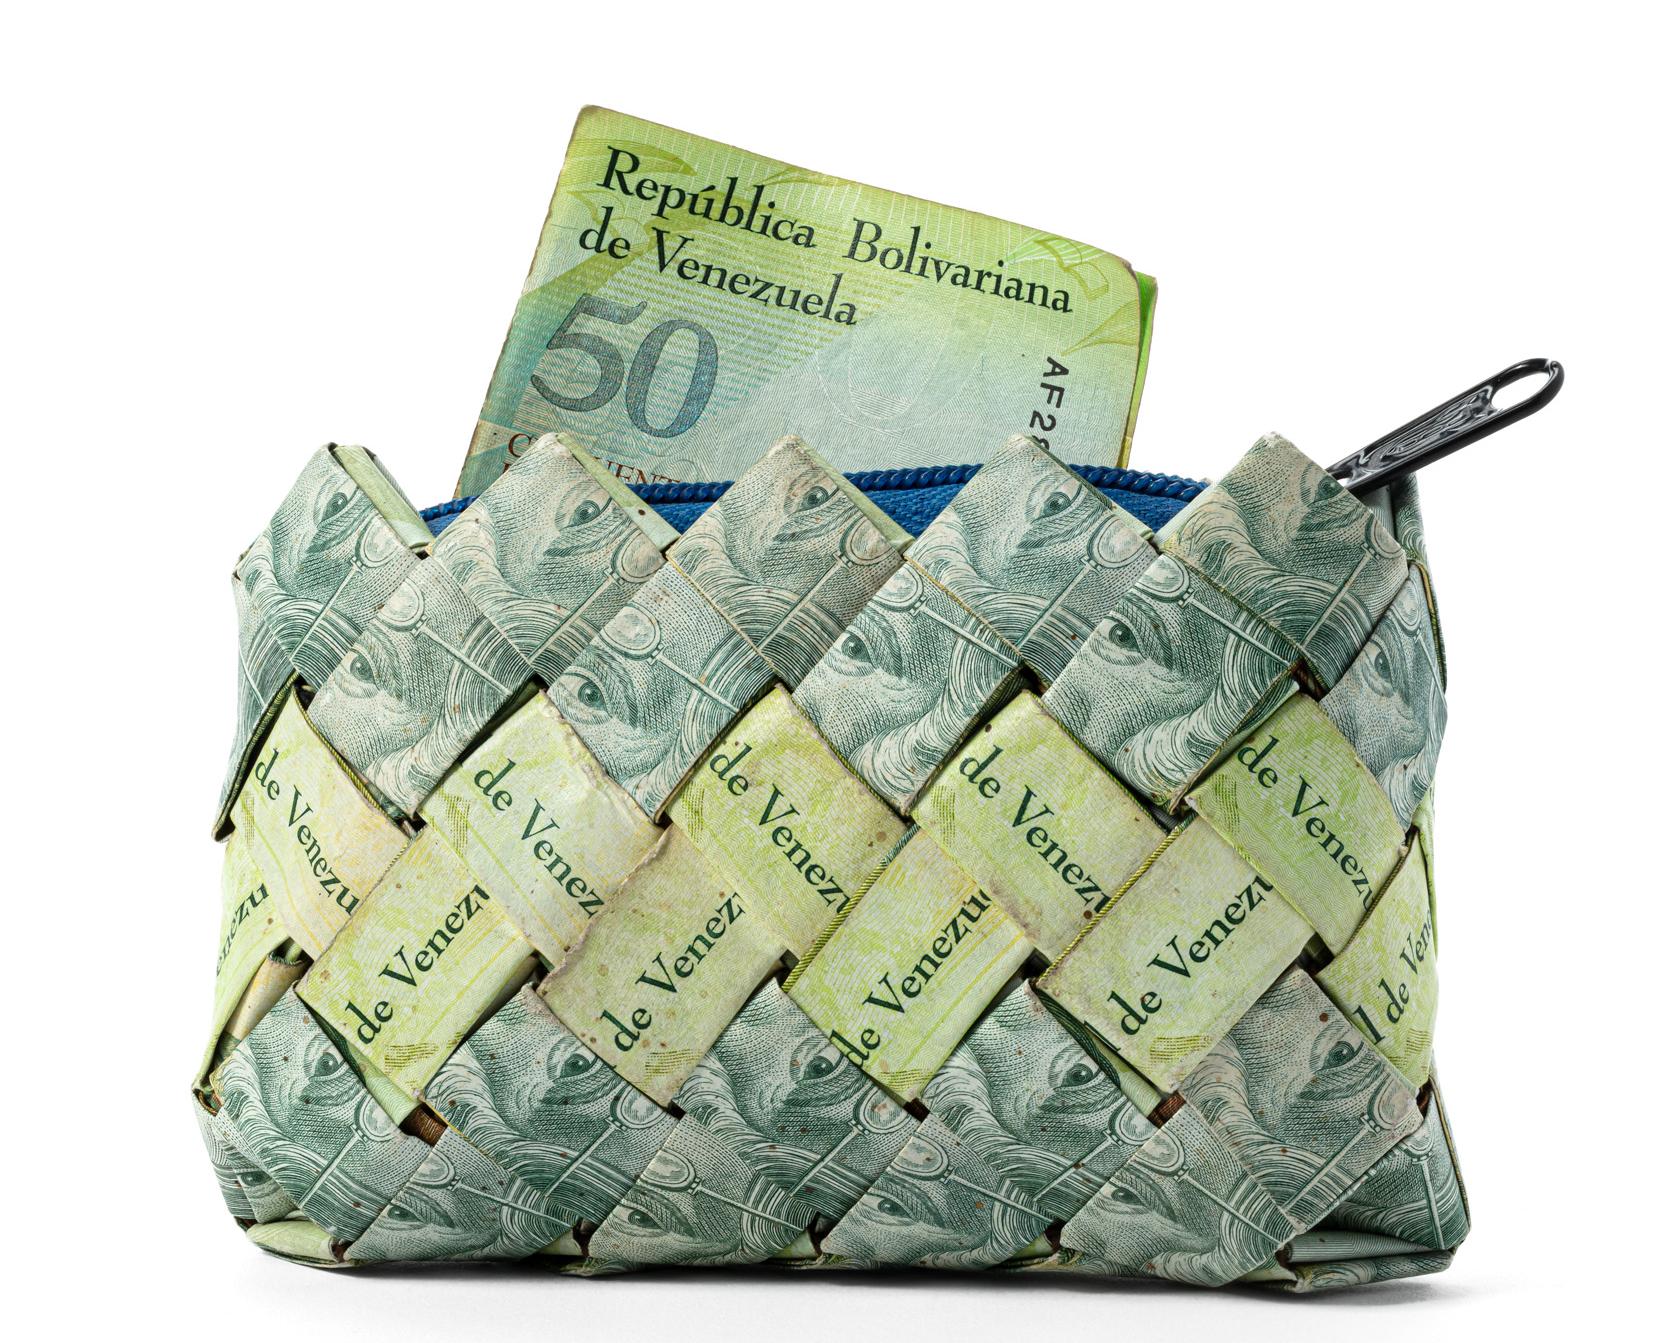 Grön plånbok som är gjord av gröna Venezuelanska pengar